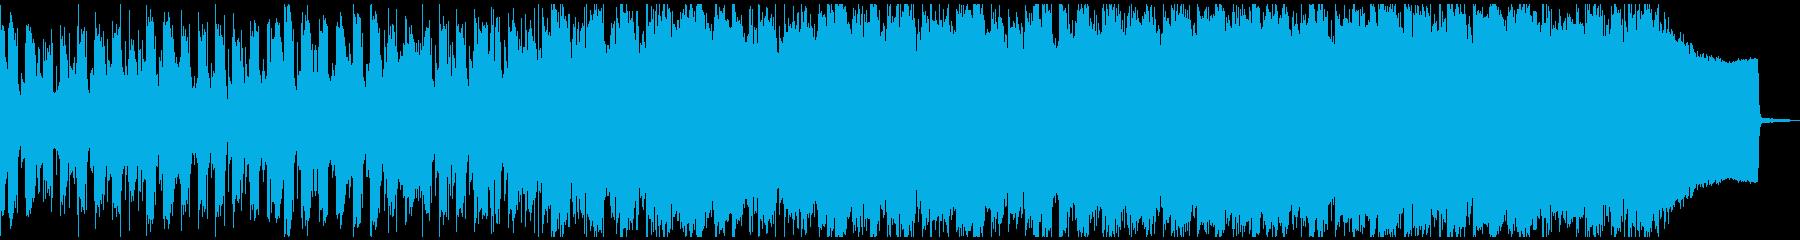 実験的な おしゃれ 燃焼 シンセサ...の再生済みの波形